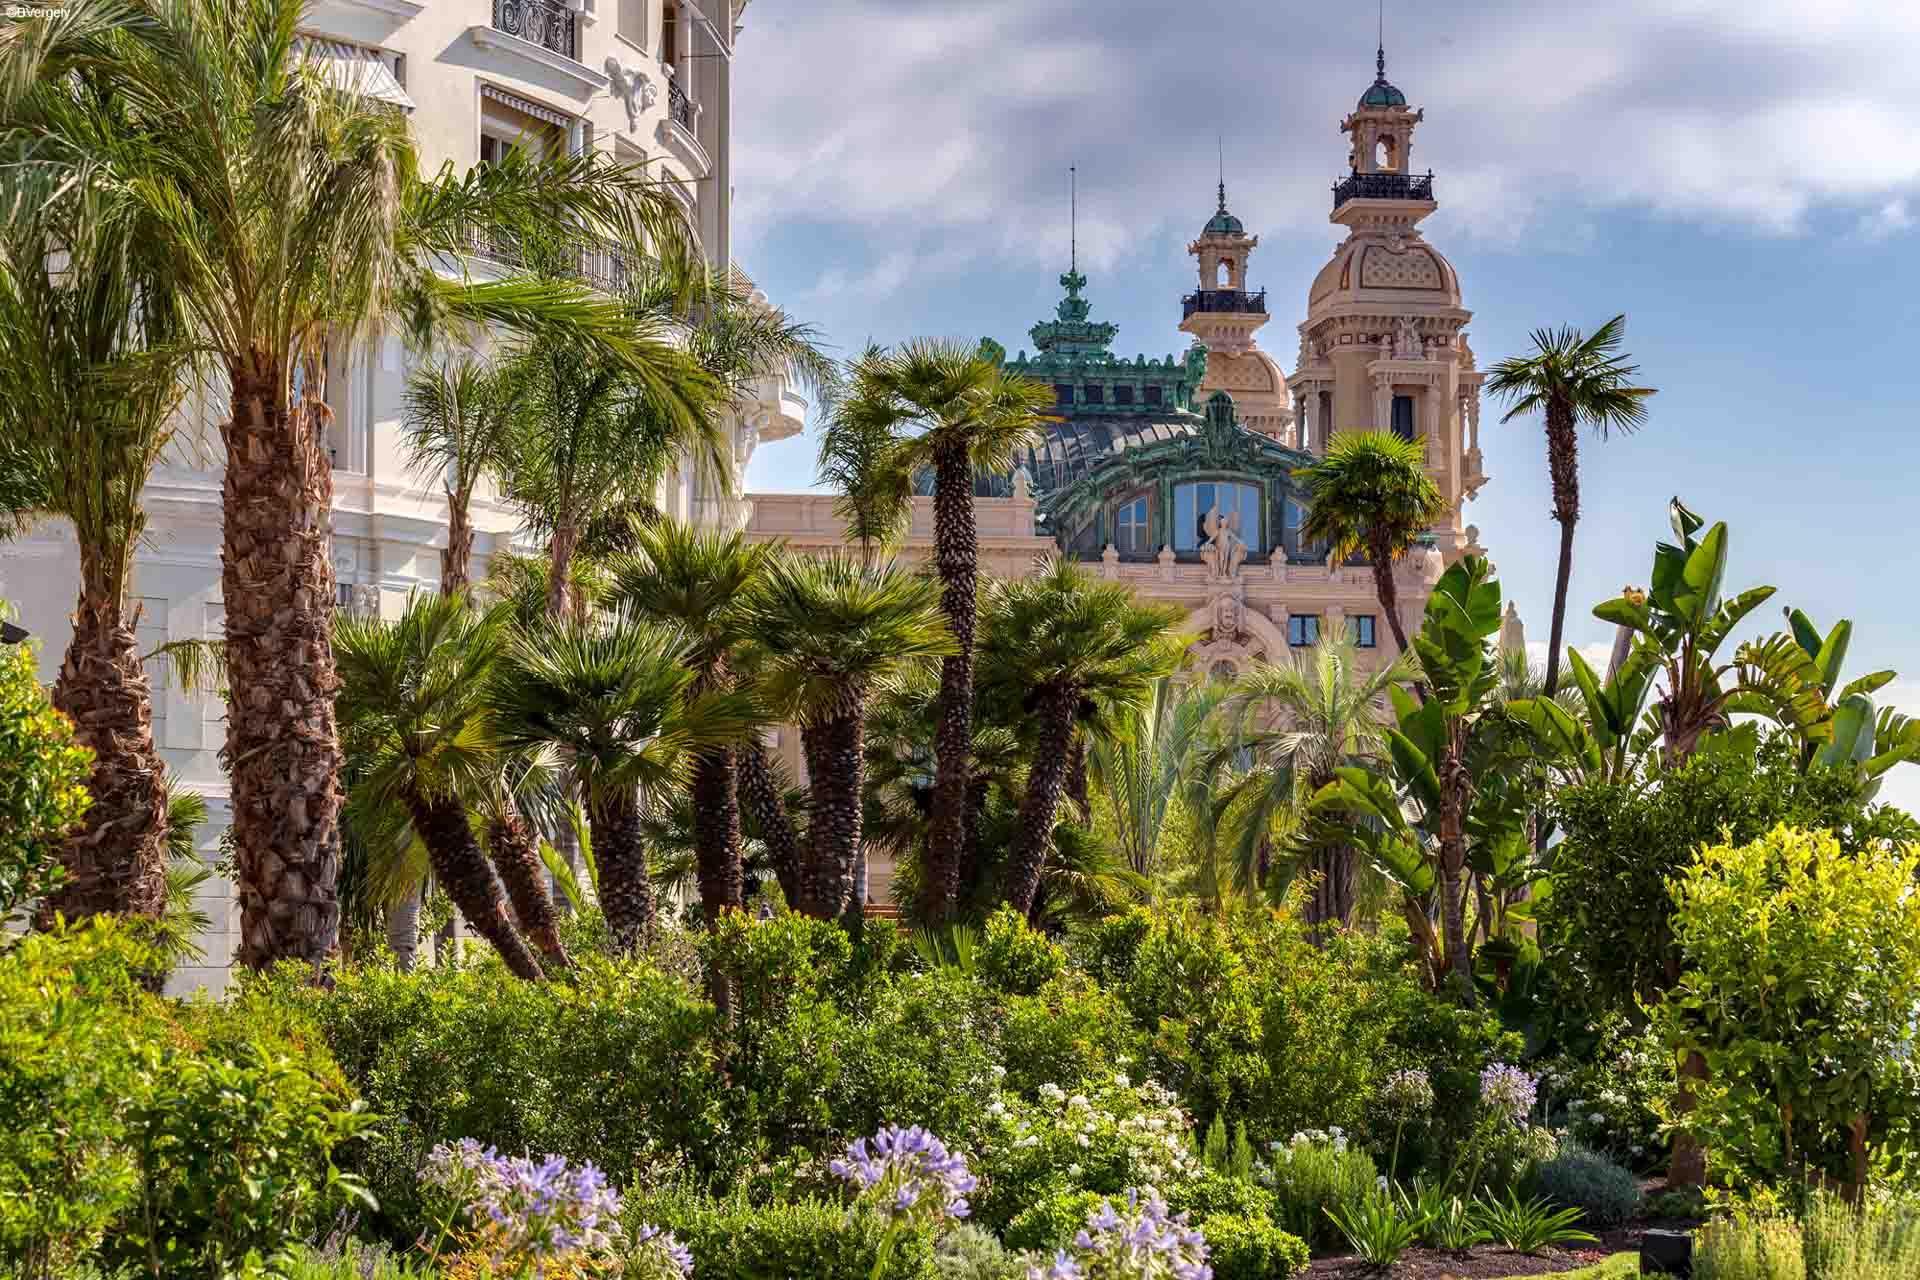 Les jardins de l'Hôtel de Paris avec vue sur le casino © B. Vergely